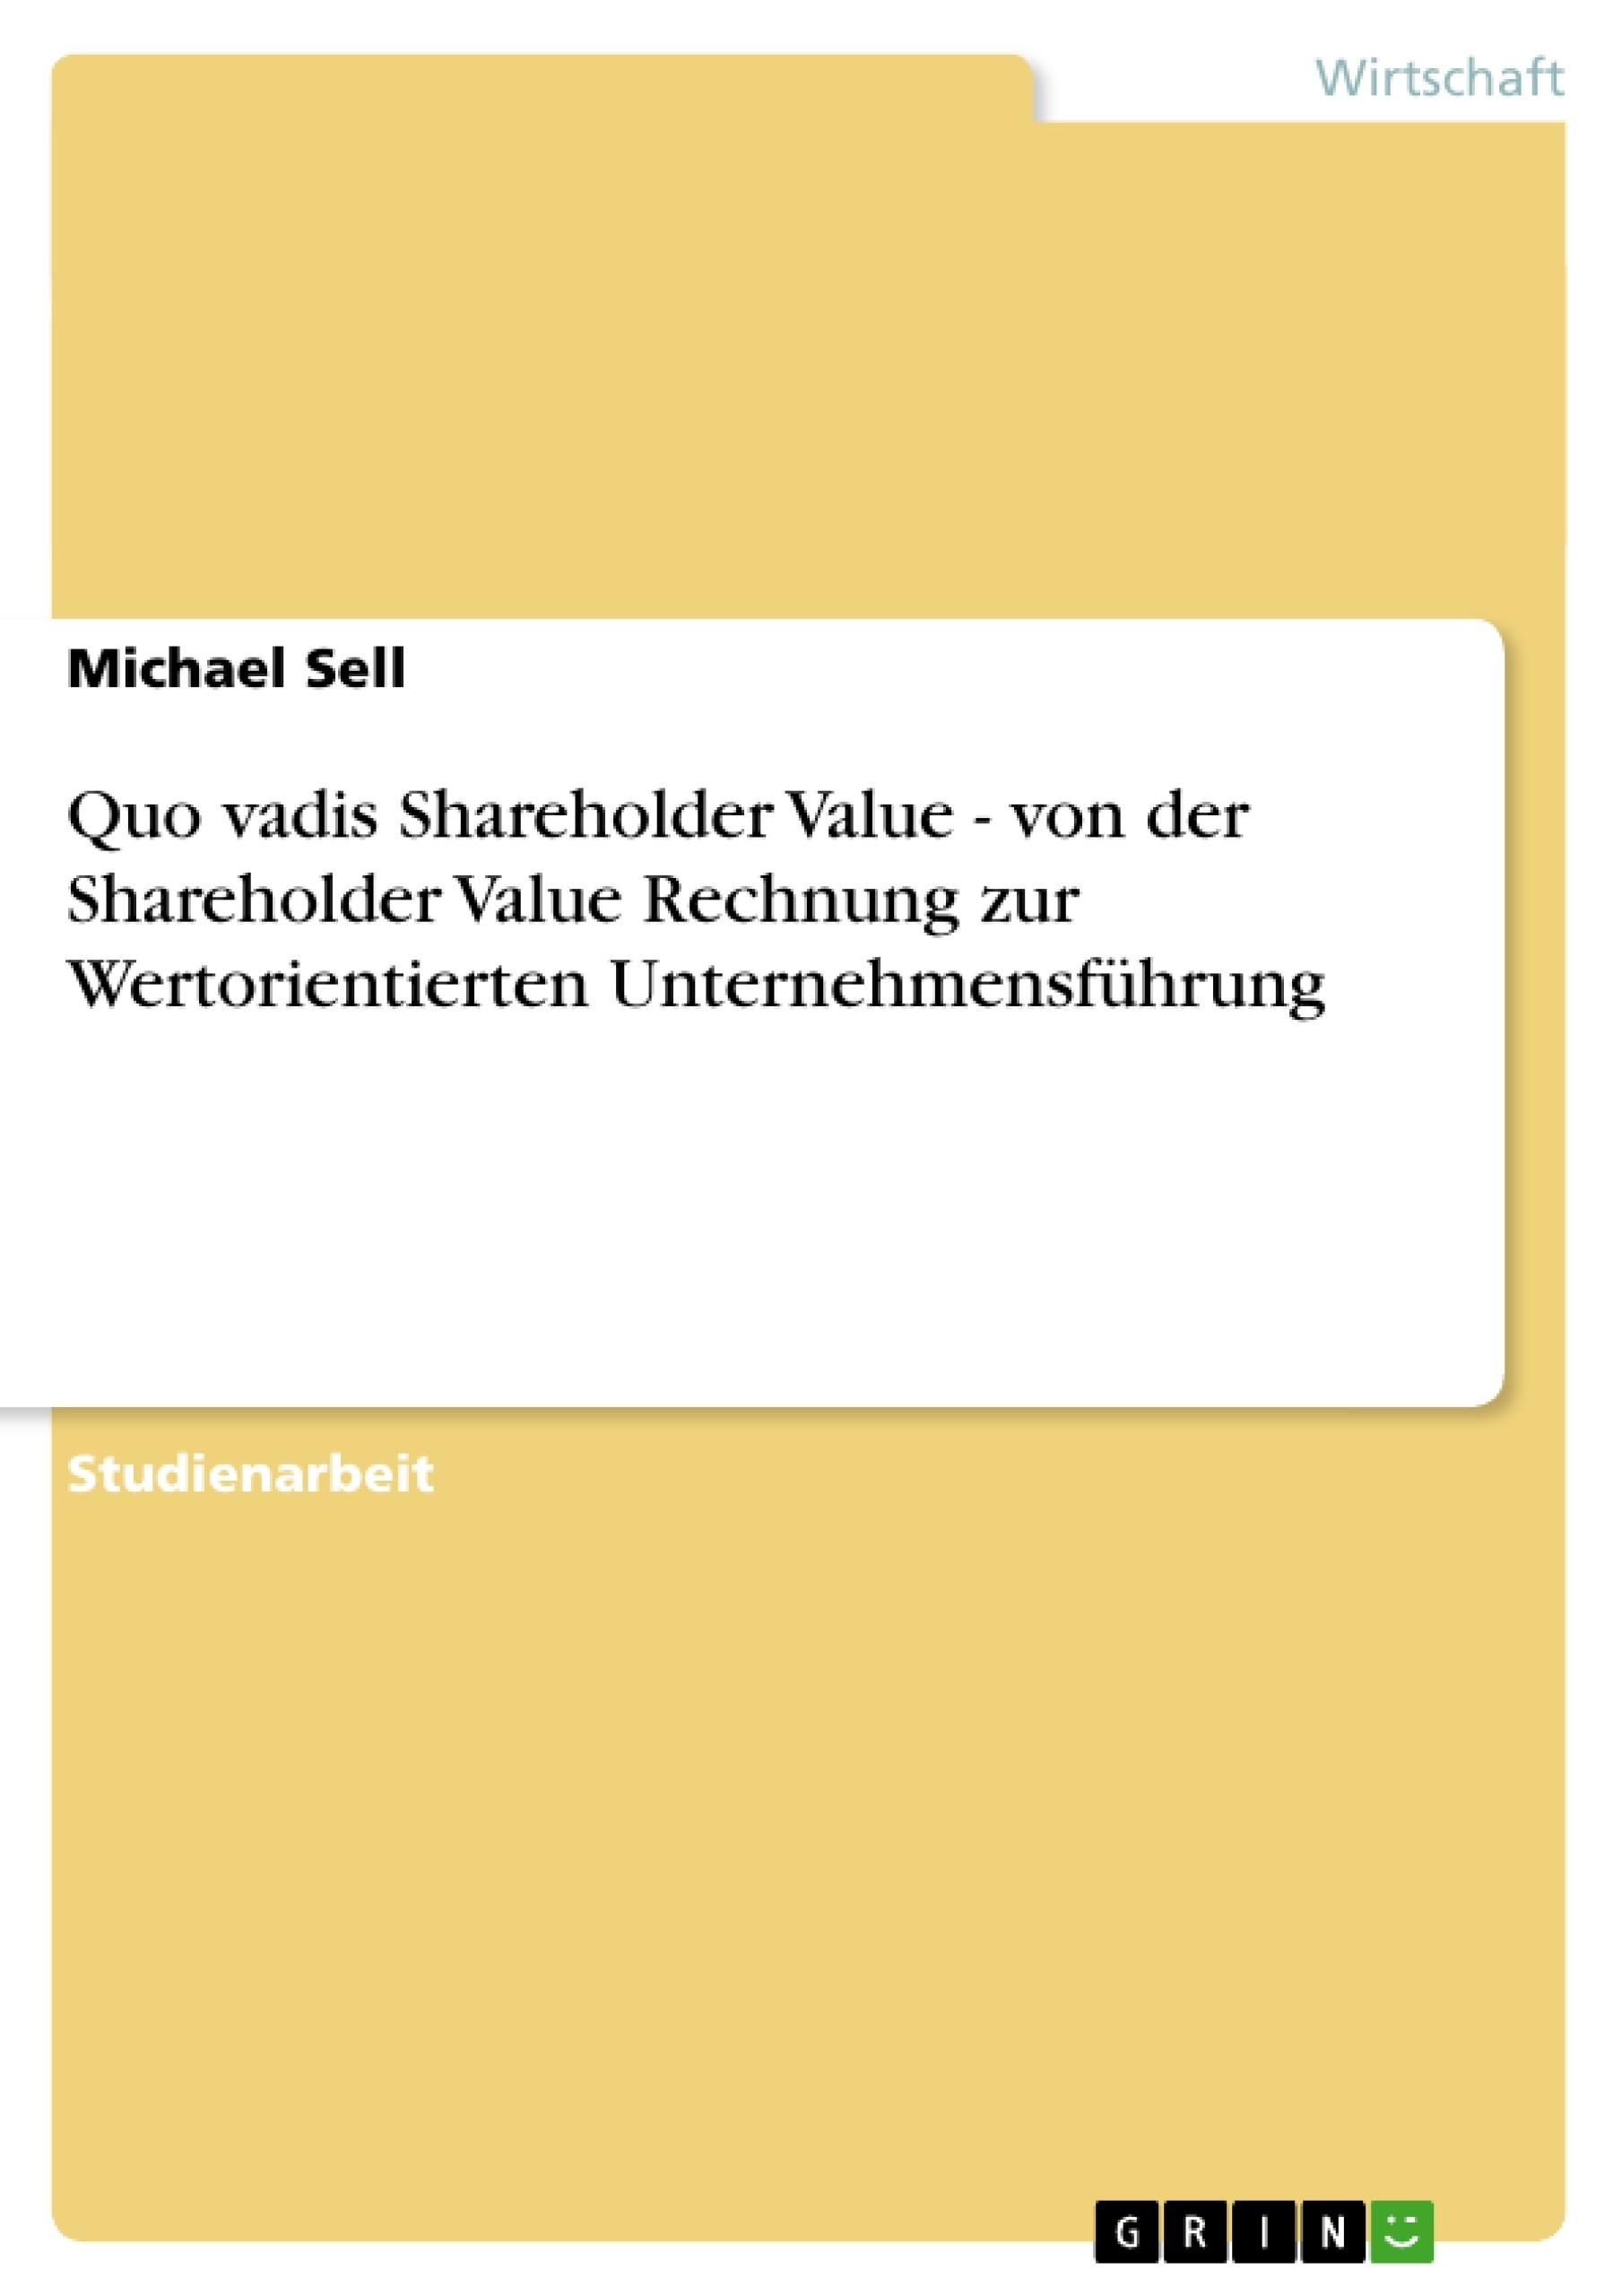 Titel: Quo vadis Shareholder Value - von der Shareholder Value Rechnung zur Wertorientierten Unternehmensführung